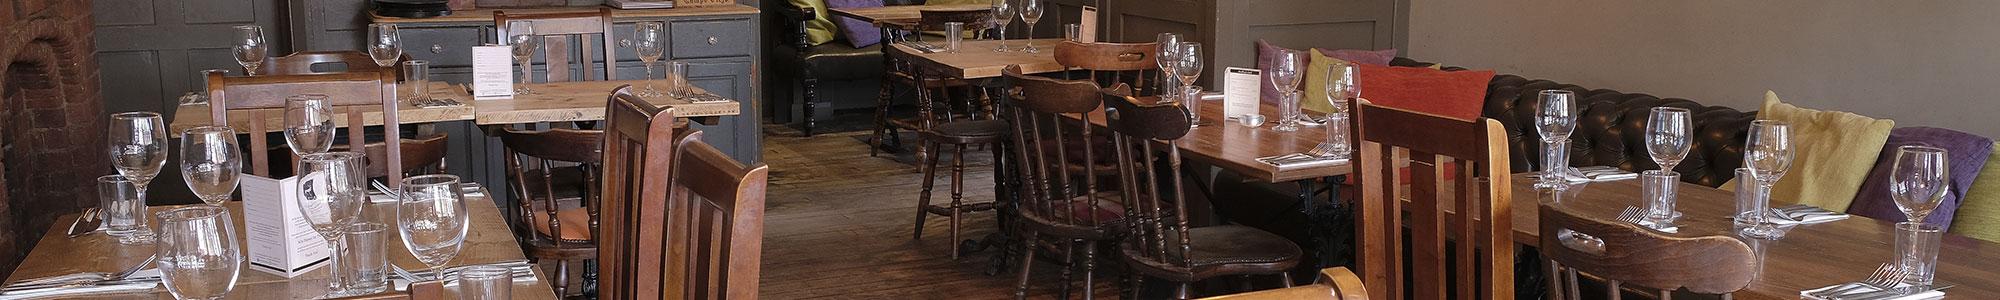 banner-pub-interior